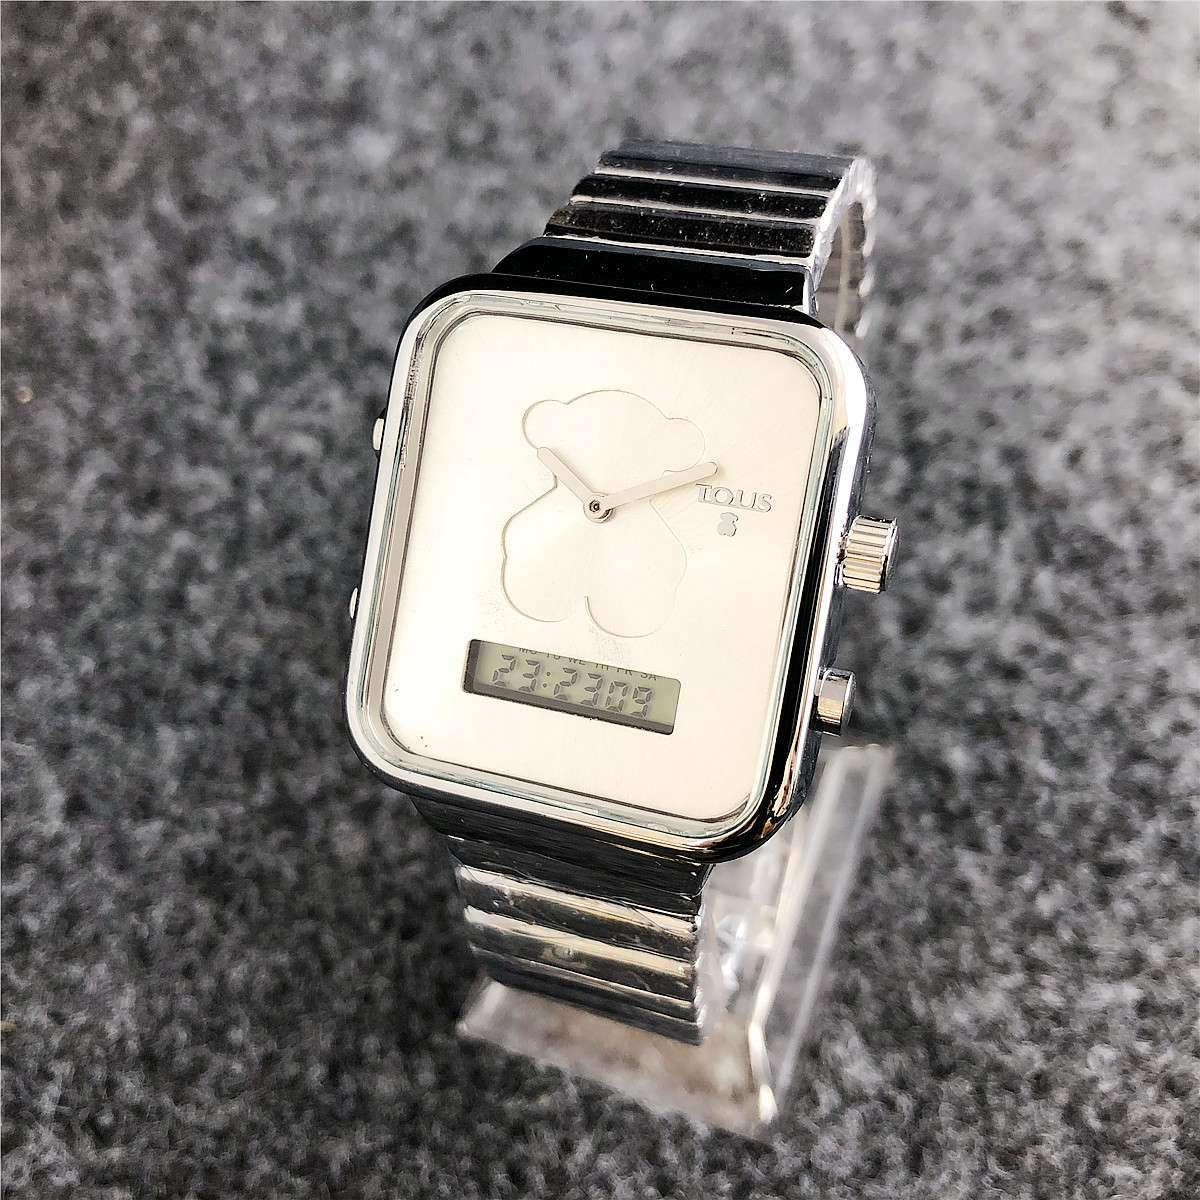 Compre 2018 Moda Reloj De Lujo De Las Mujeres Correa De Acero Inoxidable  Digital A Prueba De Agua Para Damas Negocios 2de8c5f0c00c